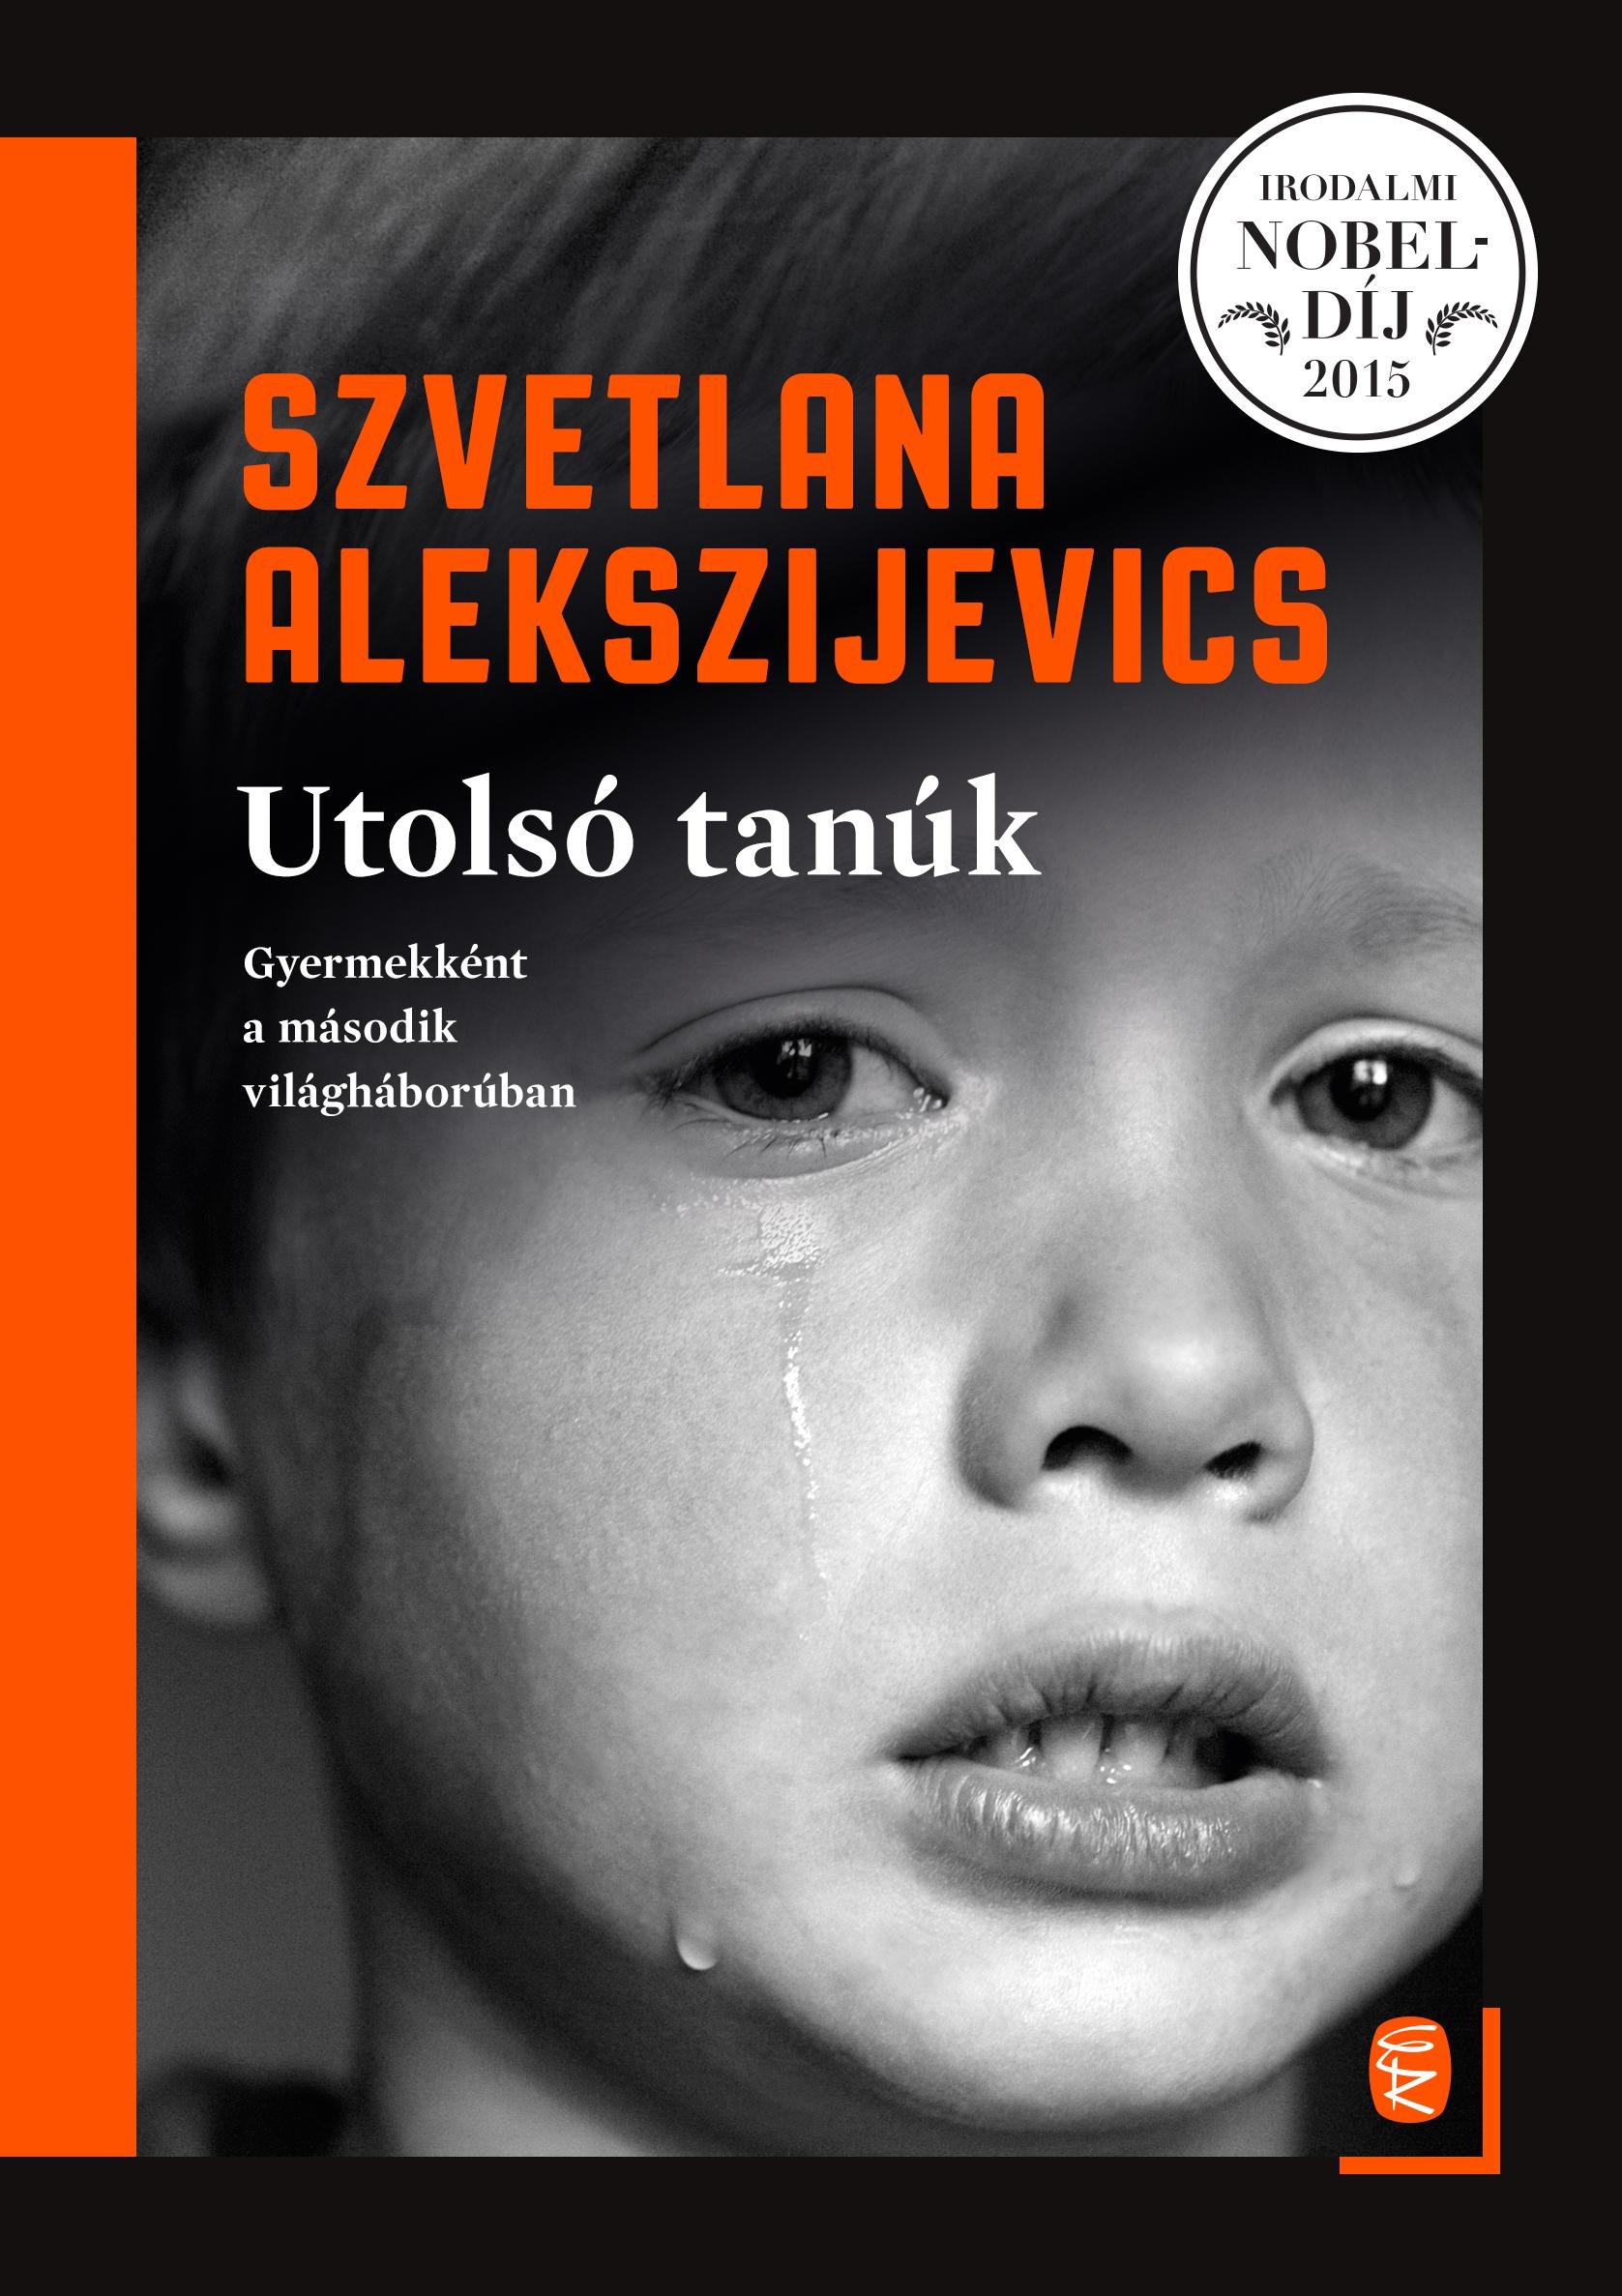 Szvetlana Alekszijevics - Utolsó tanúk - Gyermekként a második világháborúban